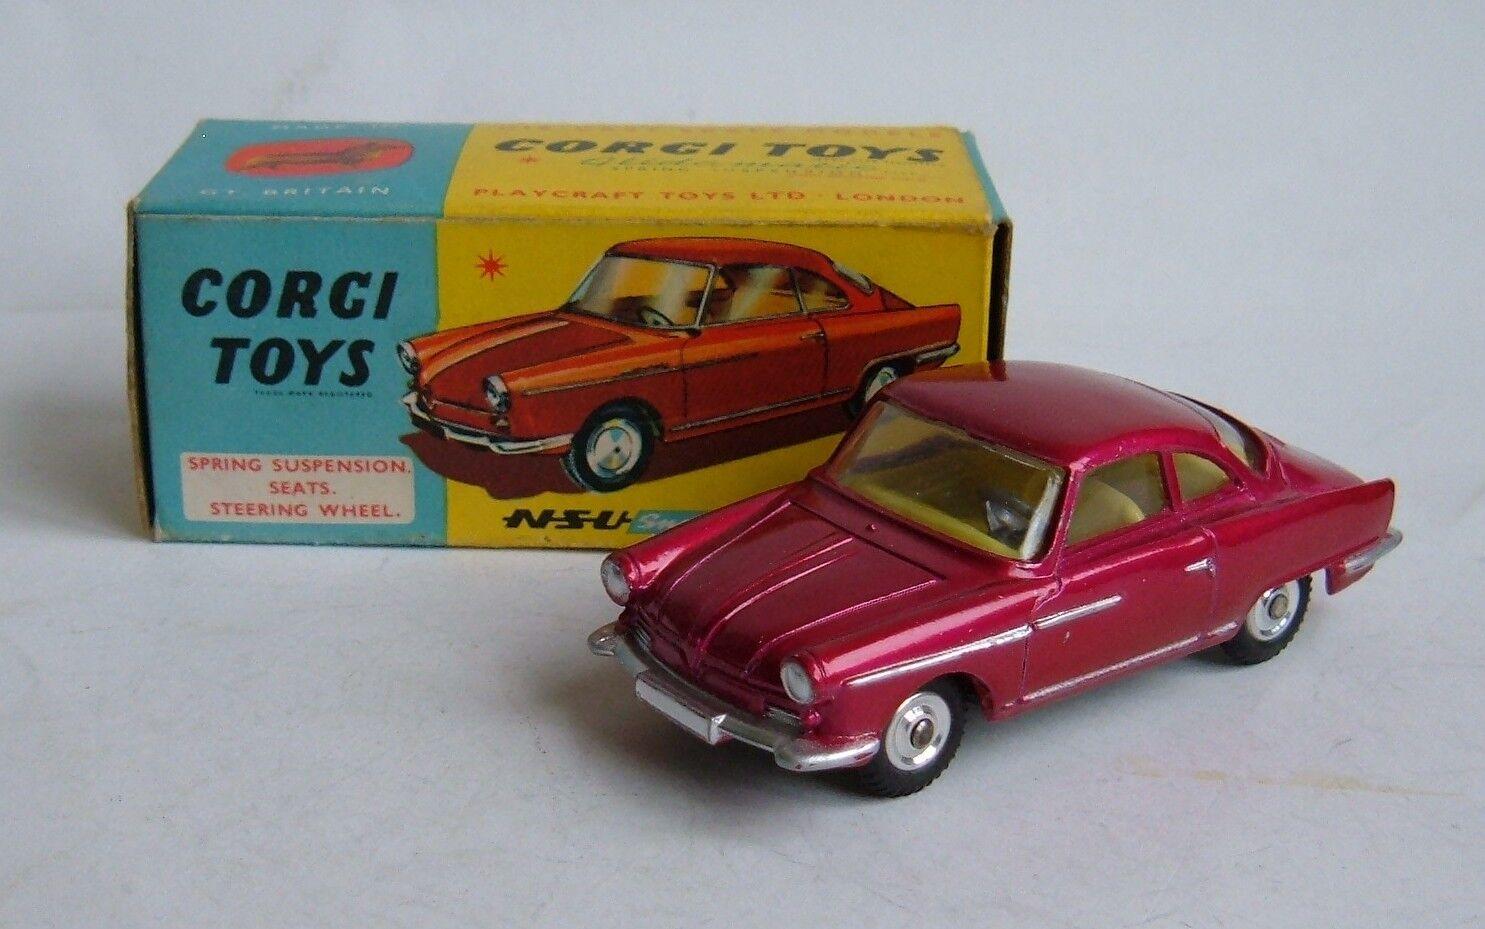 Corgi Toys No. 316, NSU Sport Prinz, - Superb